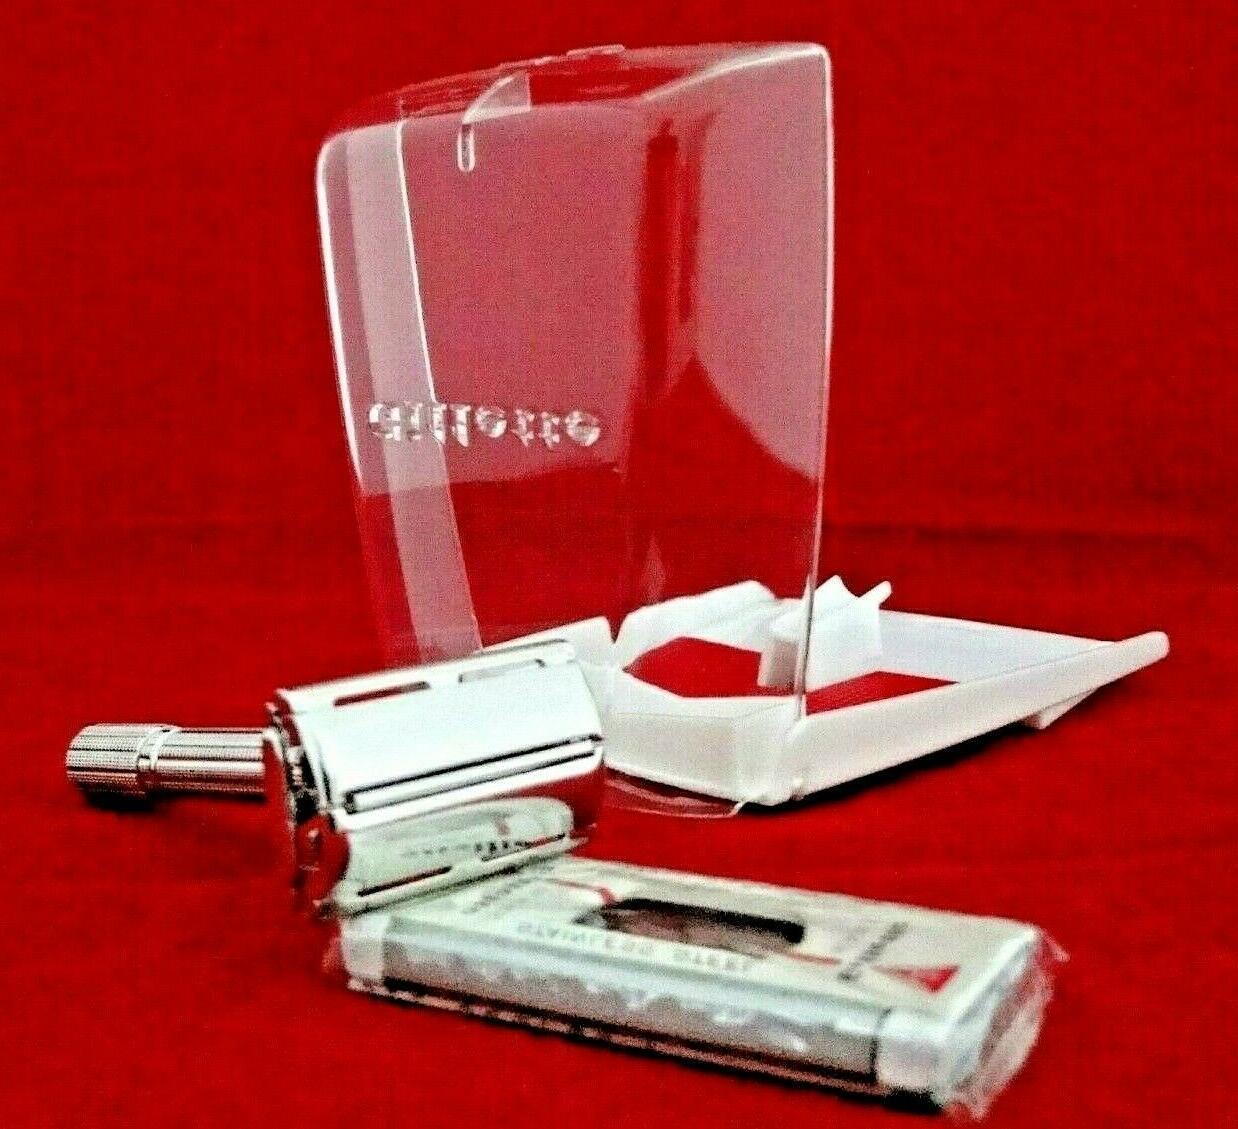 vtg nos 1964 slim adjustable razor complete